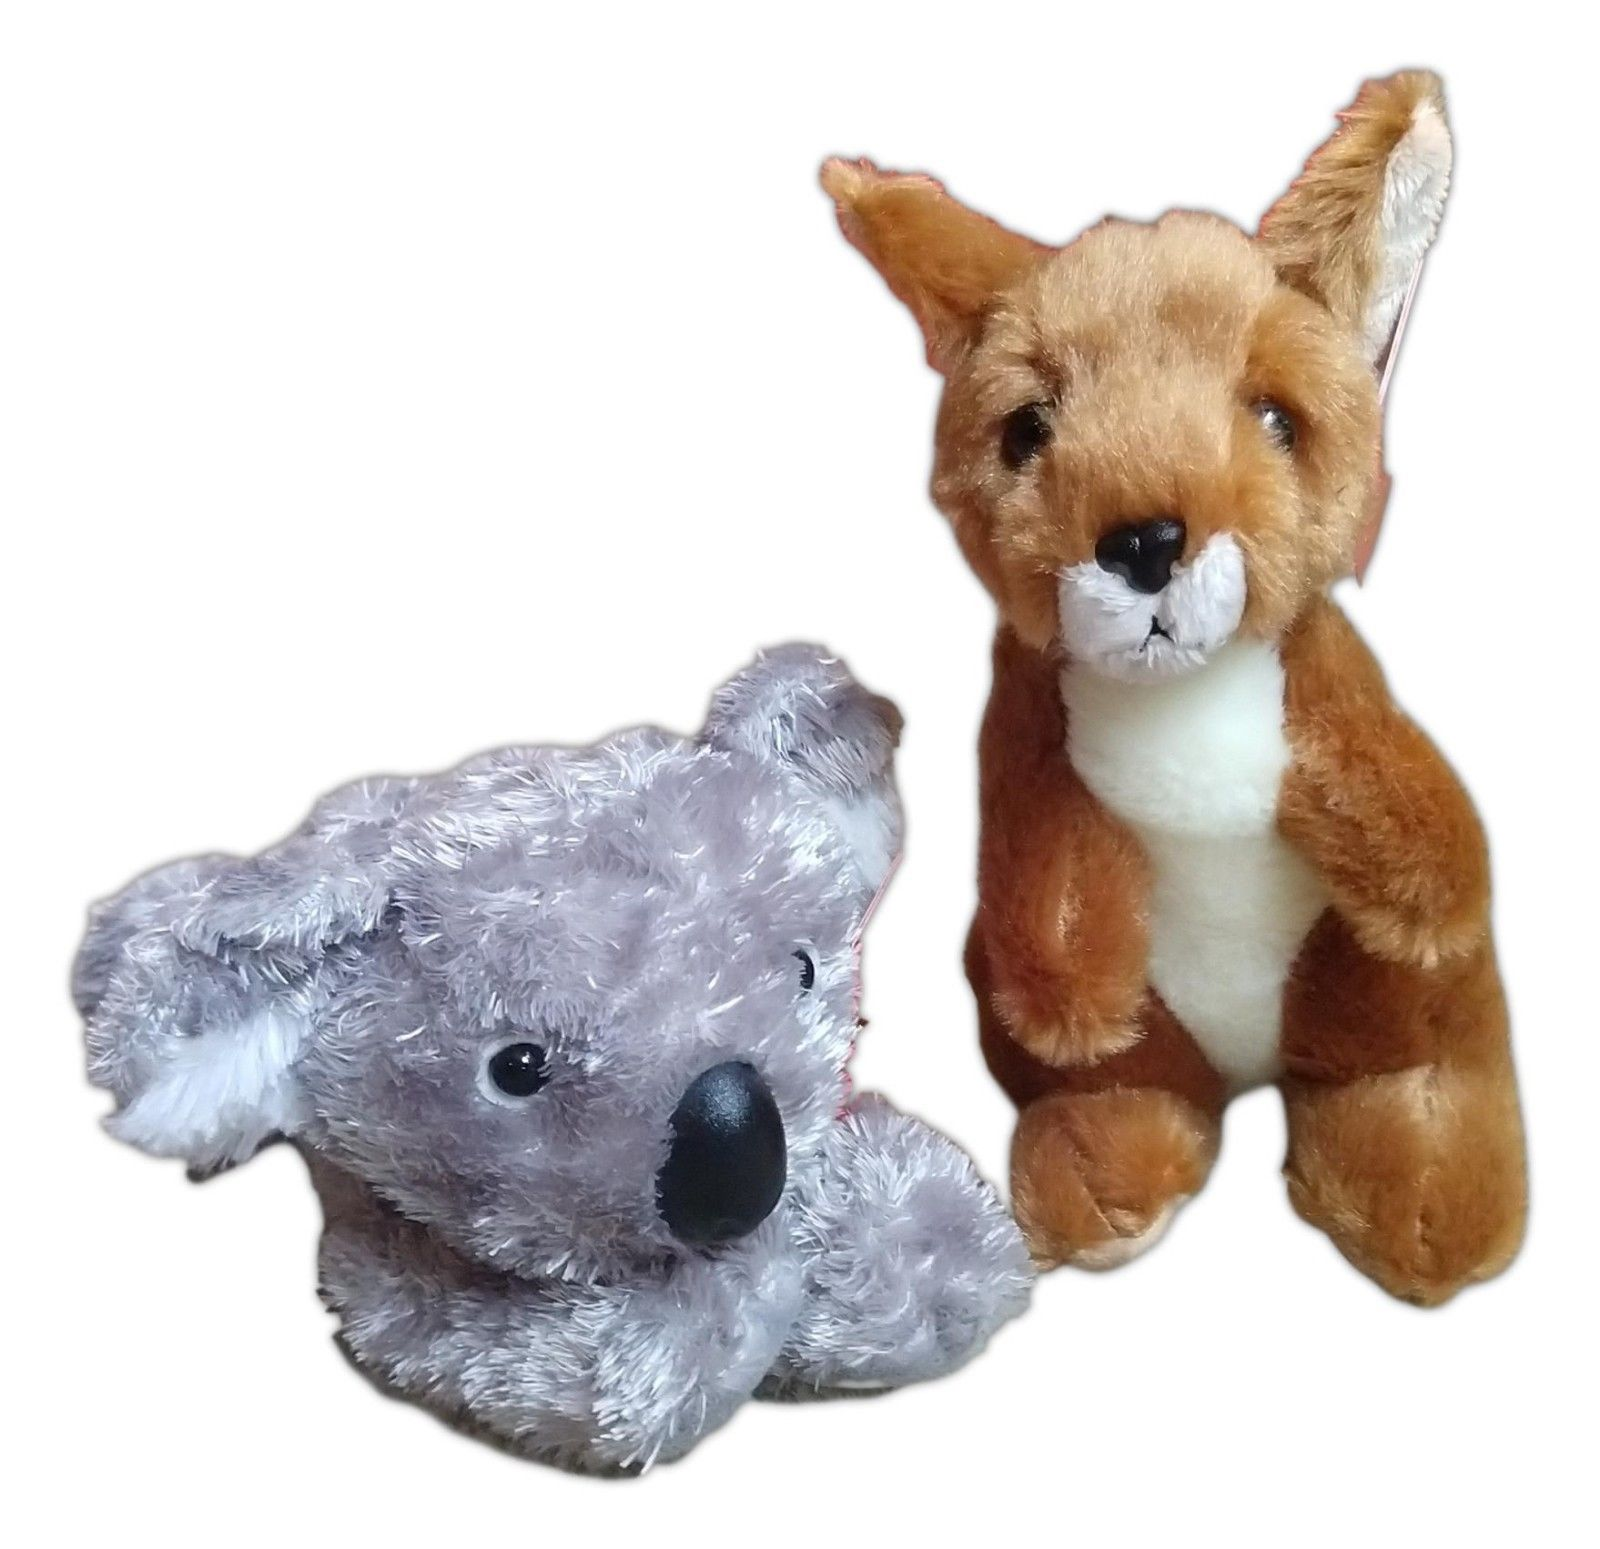 Kangaroo Melbourne Koala Mini Flopsie 8 Stuffed Animal Plush By